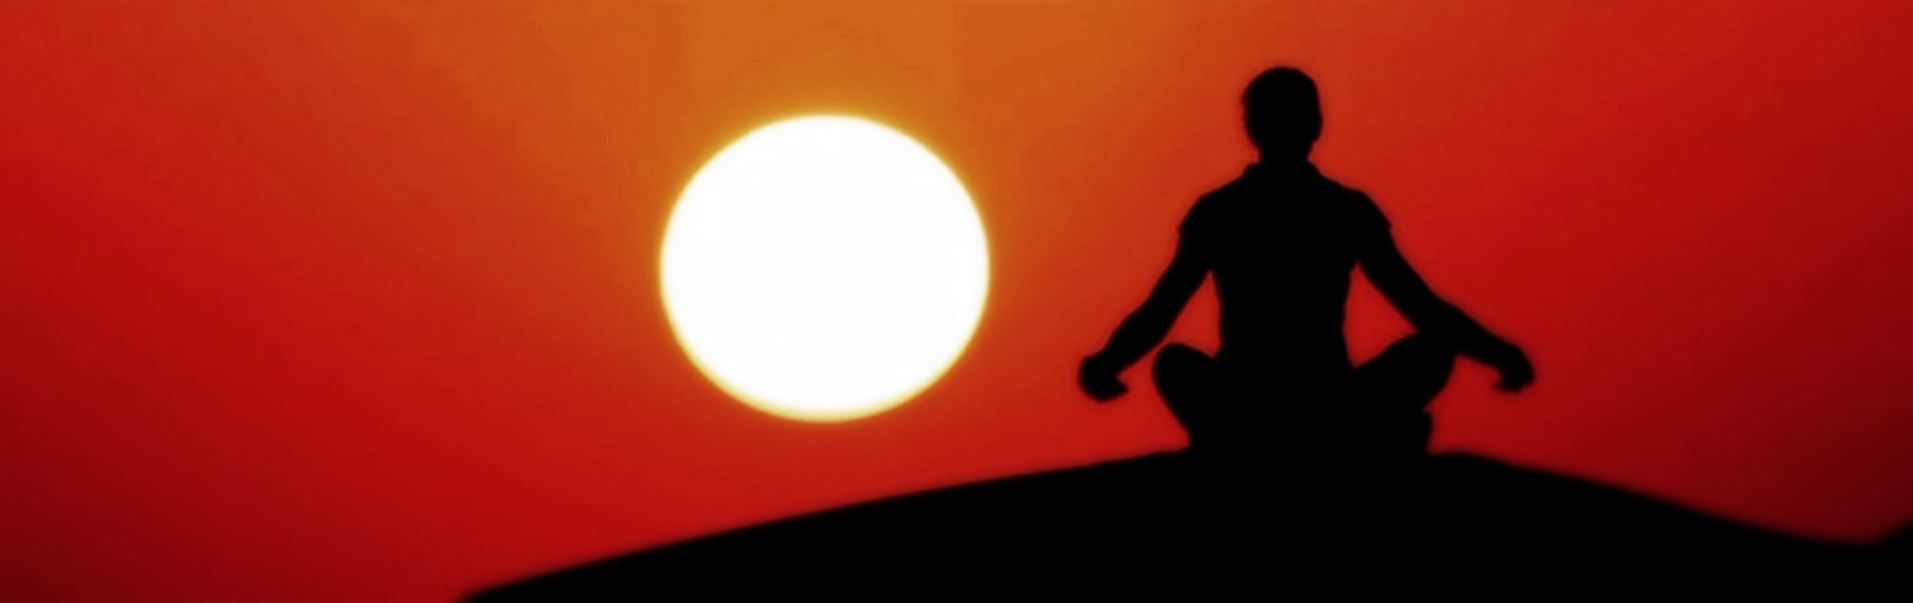 zon-meditatie